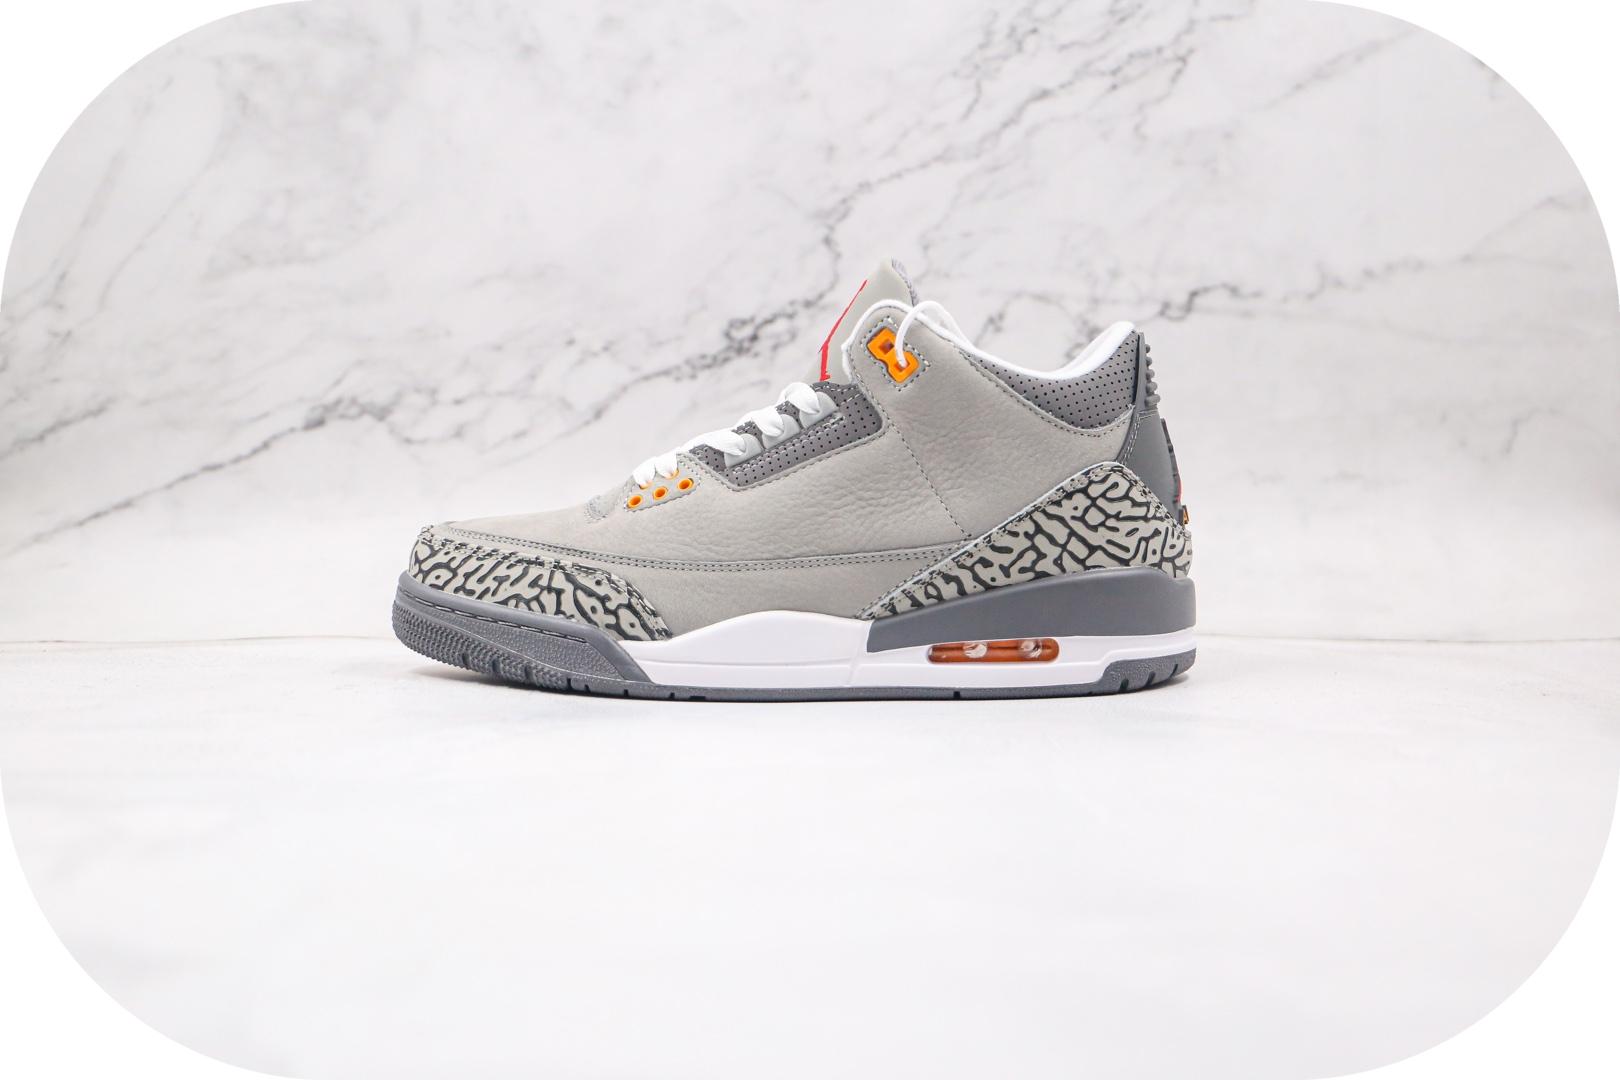 乔丹Air Jordan 3 Cool Grey 2020纯原版本酷灰色AJ3篮球鞋原楦头纸板打造 货号:CT8532-012封面